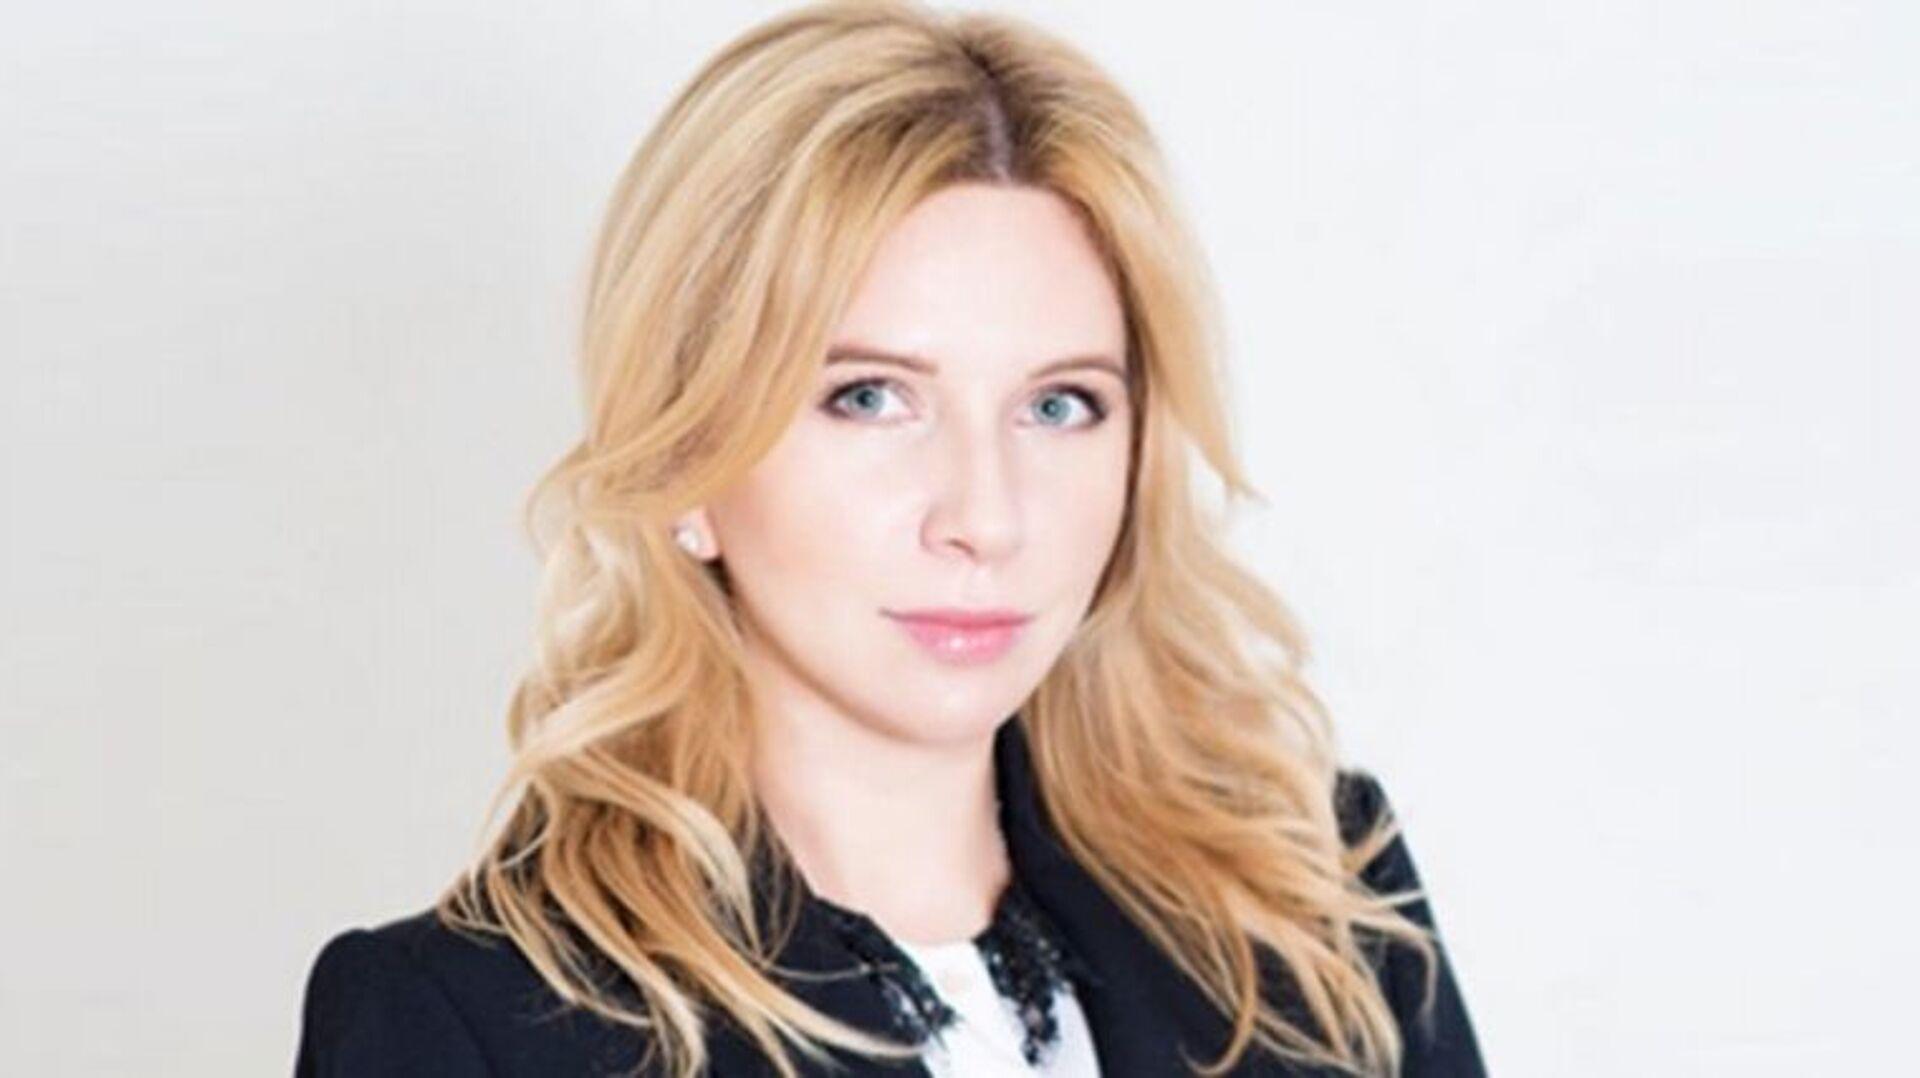 Мишустин освободил от должности замглавы Минэкономразвития Тарасенко